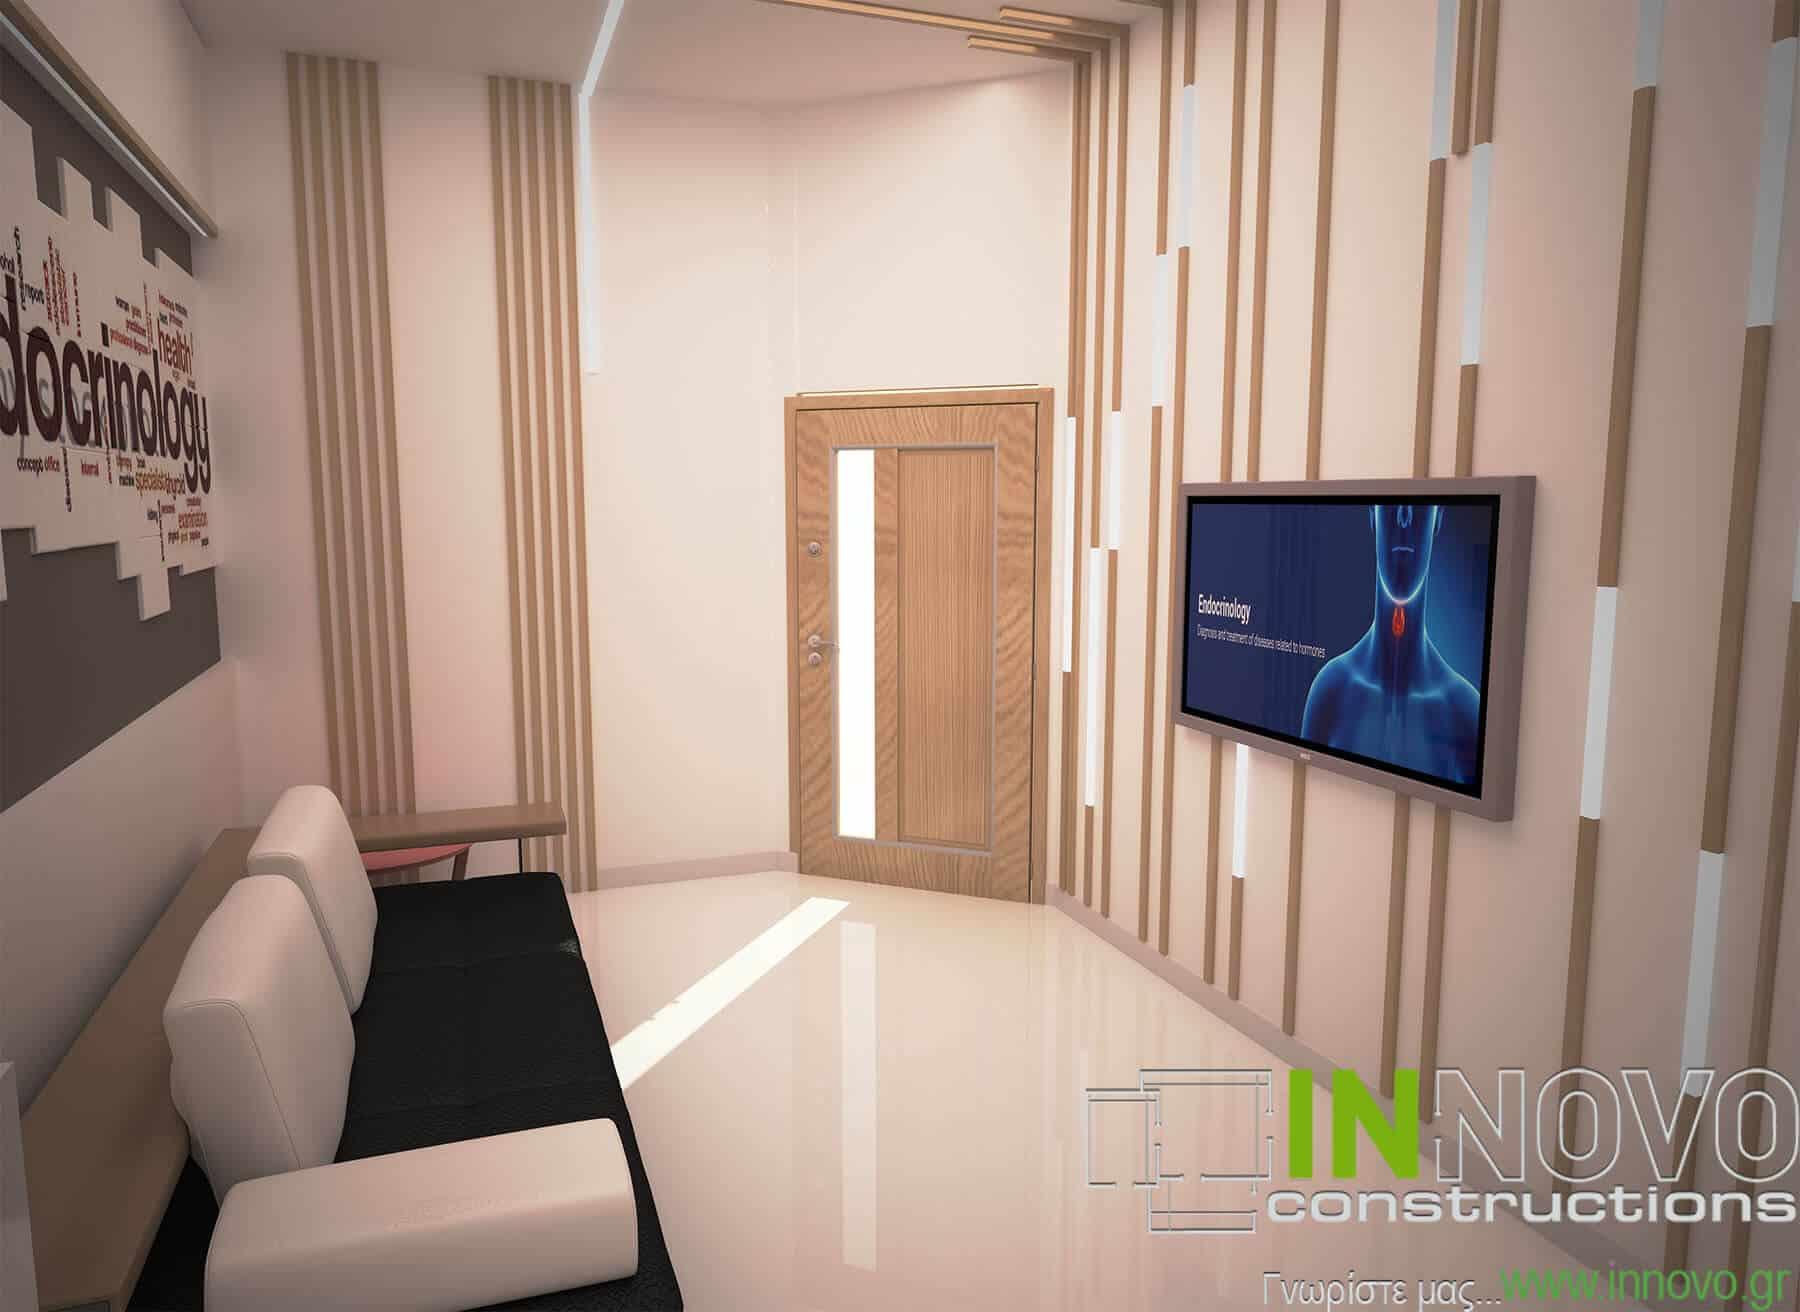 Σχεδιασμός ανακαίνισης Ενδοκρινολογικού ιατρείου στη Ναύπακτο